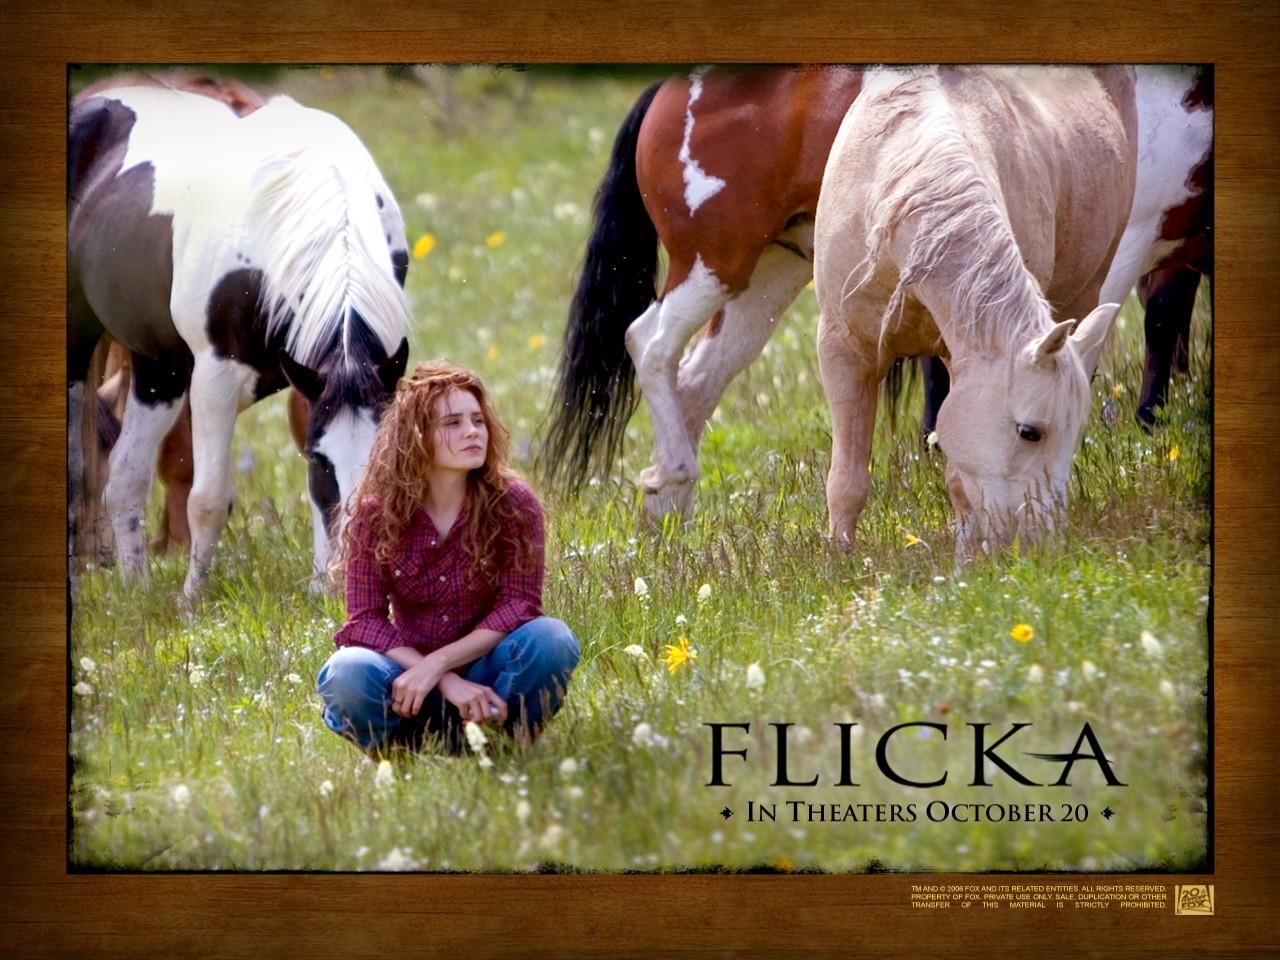 Wallpaper del film Flicka - Uno Spirito libero con Alison Lohman